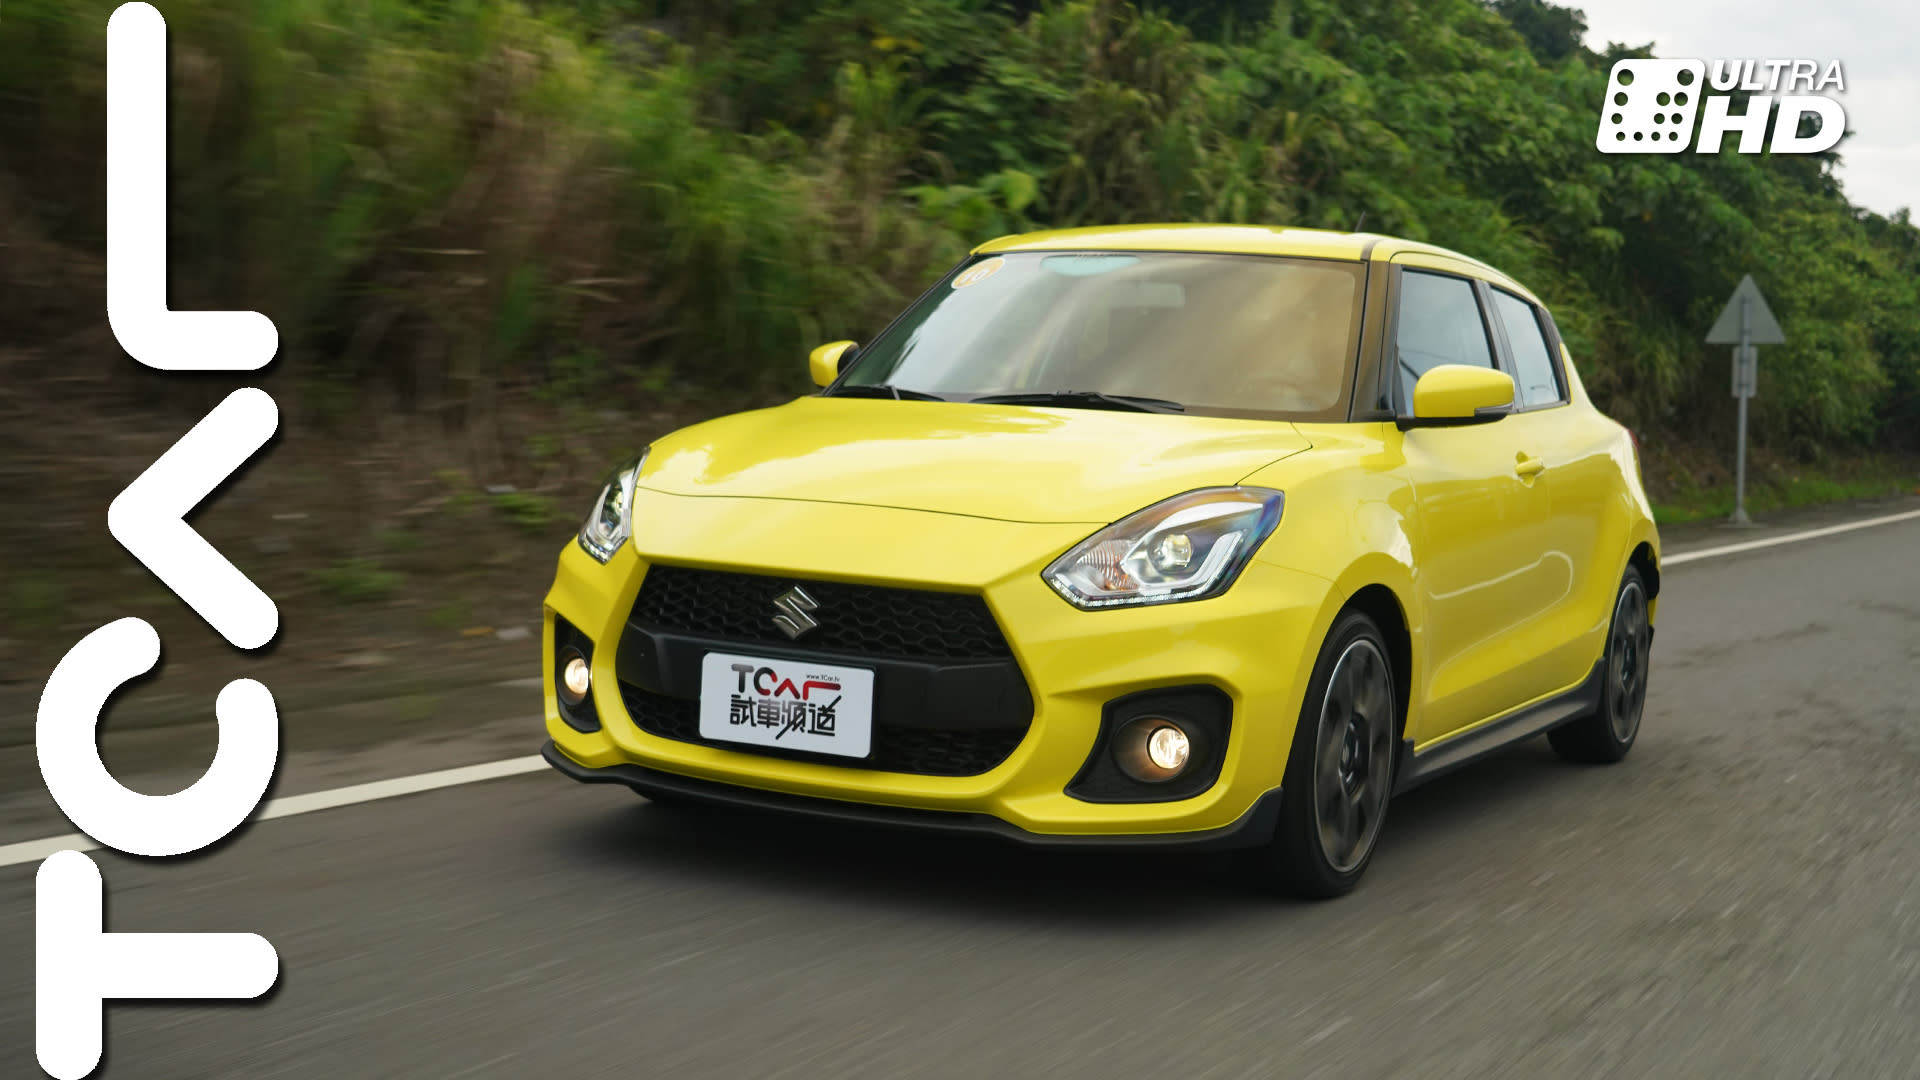 帶勁小鋼砲 Suzuki Swift Sport 新車試駕 - TCAR